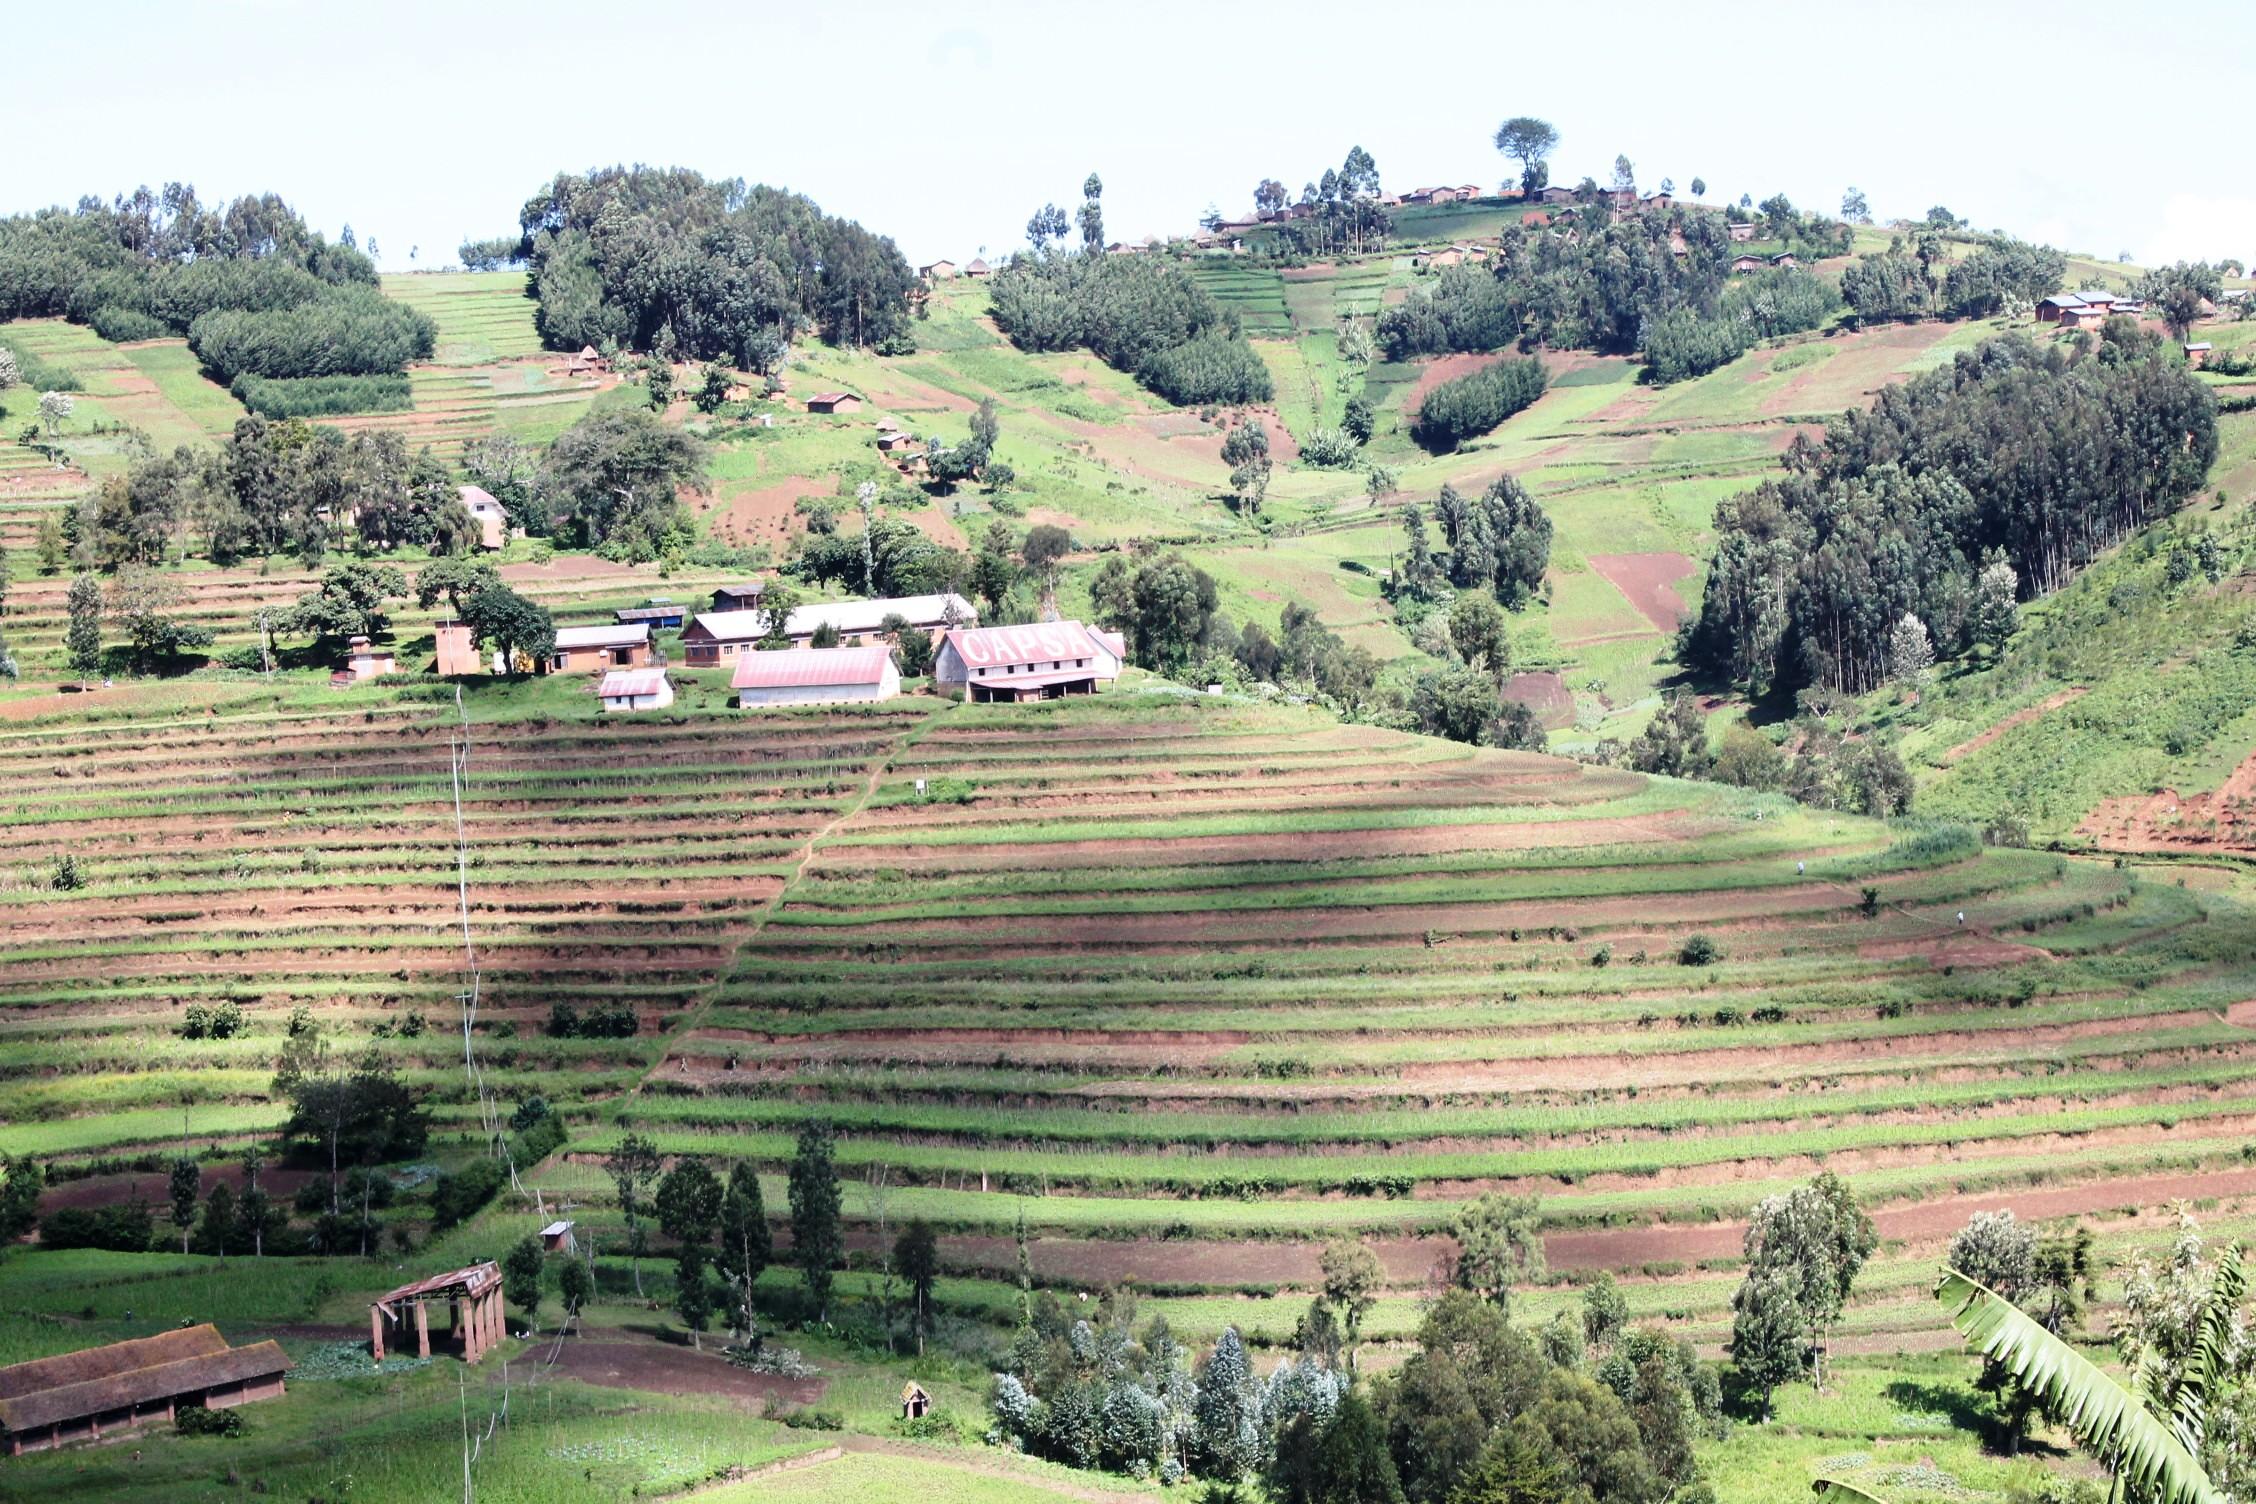 L'infertilité du sol, une nouvelle forme d'insécurité dans la région de Masereka